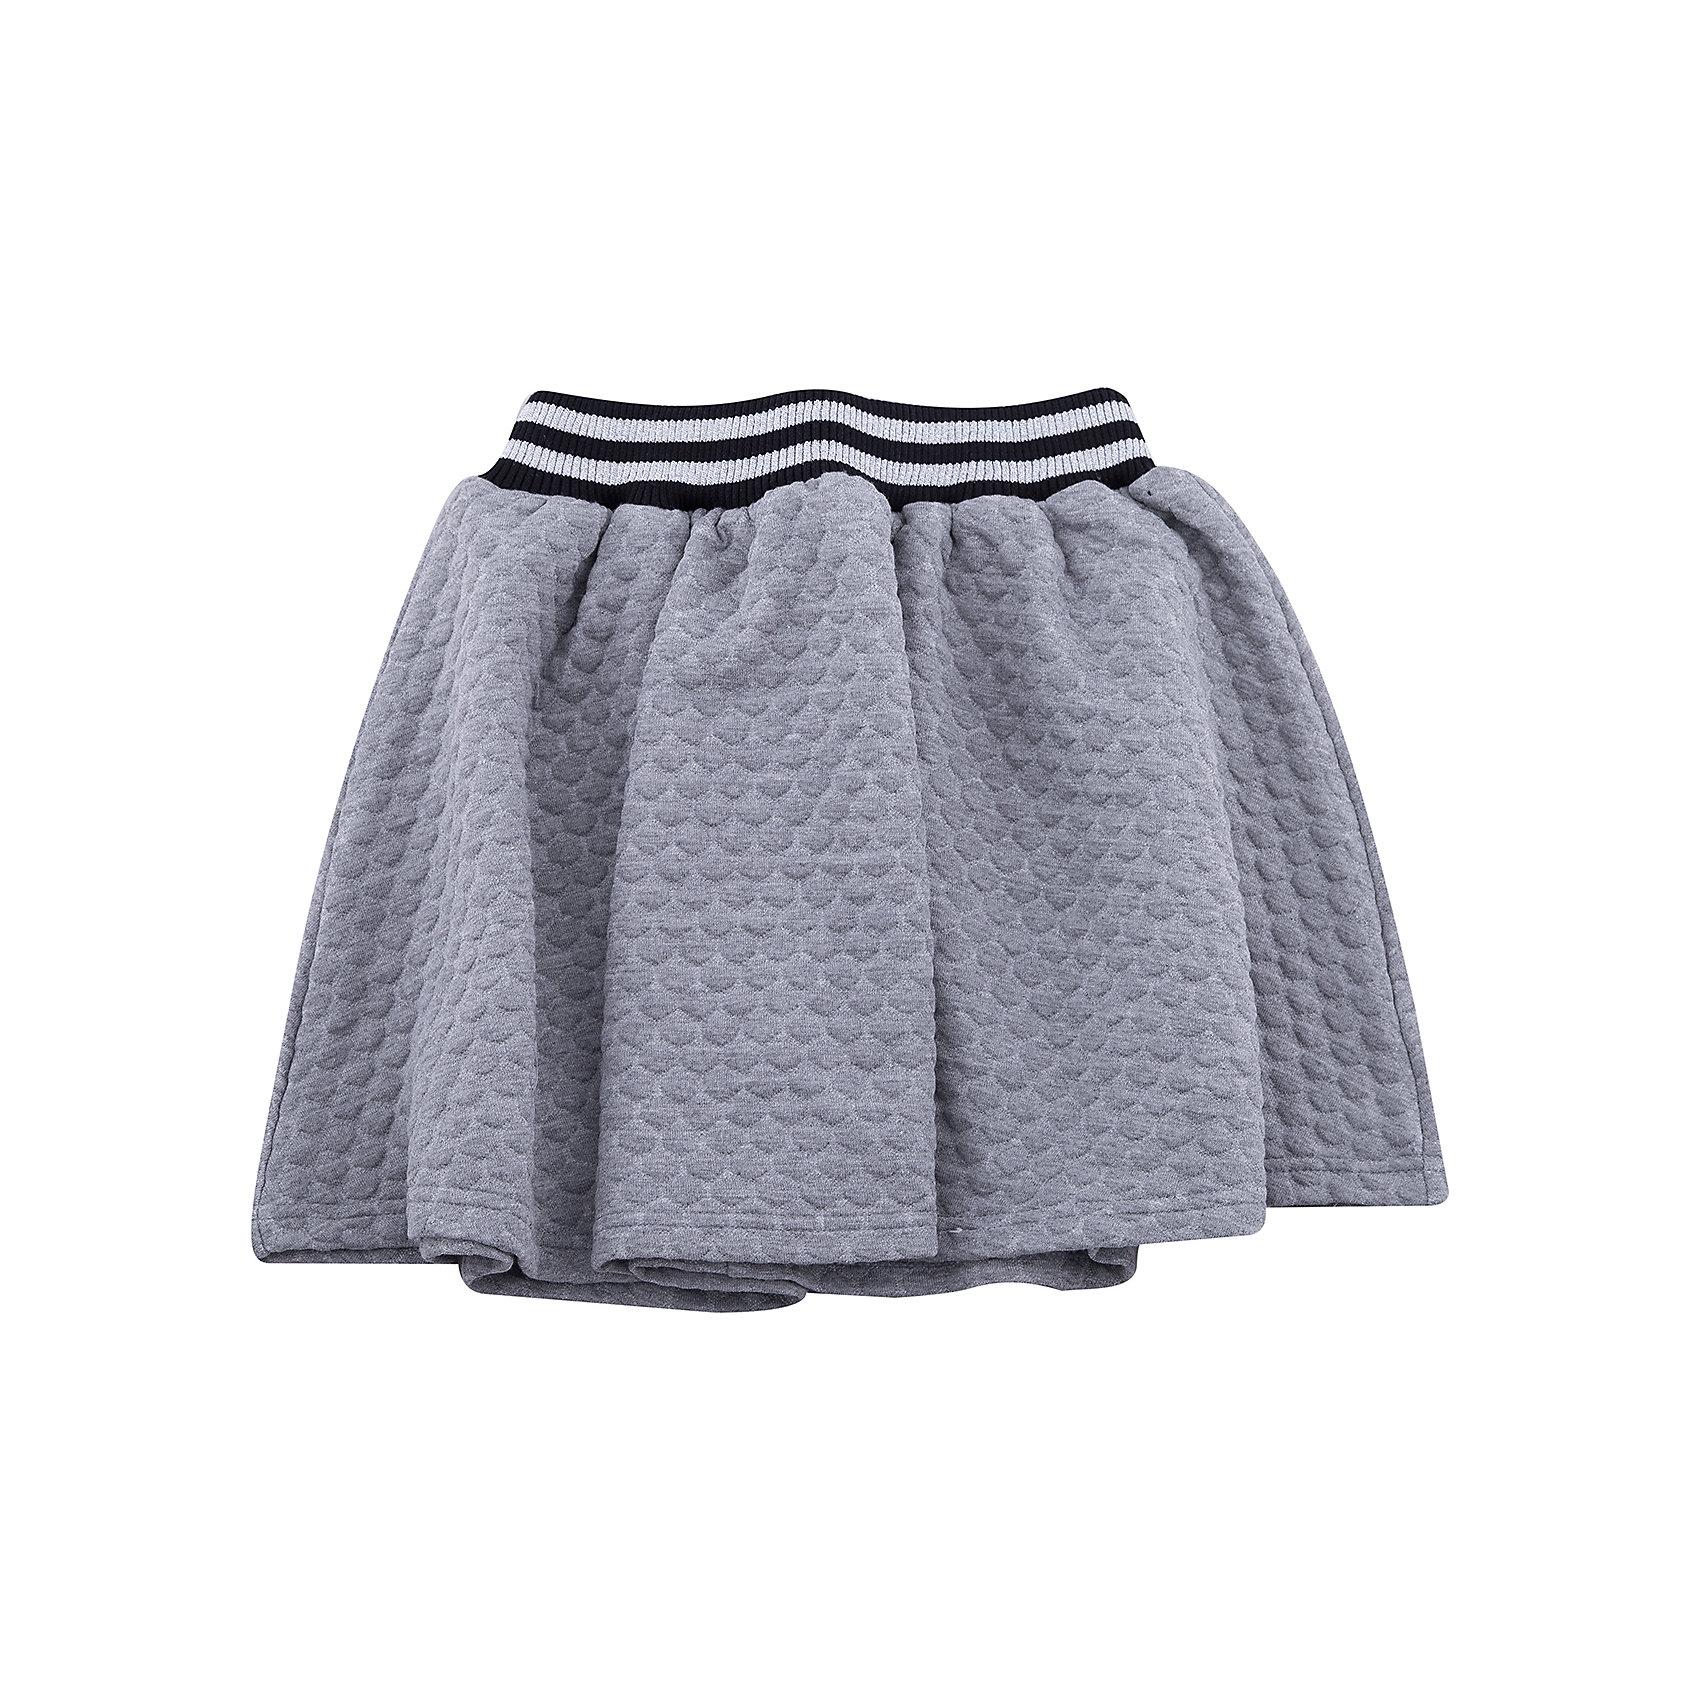 Юбка Scool для девочкиЮбки<br>Юбка Scool для девочки<br>Удобная юбка из рельефного трикотажа - отличное дополнение к повседневному гардеробу ребенка. Пояс на широкой резинке, декорирован люрексной нитью. Свободный крой не сковывает движений. Мягкая ткань комфортна при носке.<br>Состав:<br>65% полиэстер, 35% вискоза<br><br>Ширина мм: 207<br>Глубина мм: 10<br>Высота мм: 189<br>Вес г: 183<br>Цвет: белый<br>Возраст от месяцев: 96<br>Возраст до месяцев: 108<br>Пол: Женский<br>Возраст: Детский<br>Размер: 134,158,164,140,146,152<br>SKU: 7105380